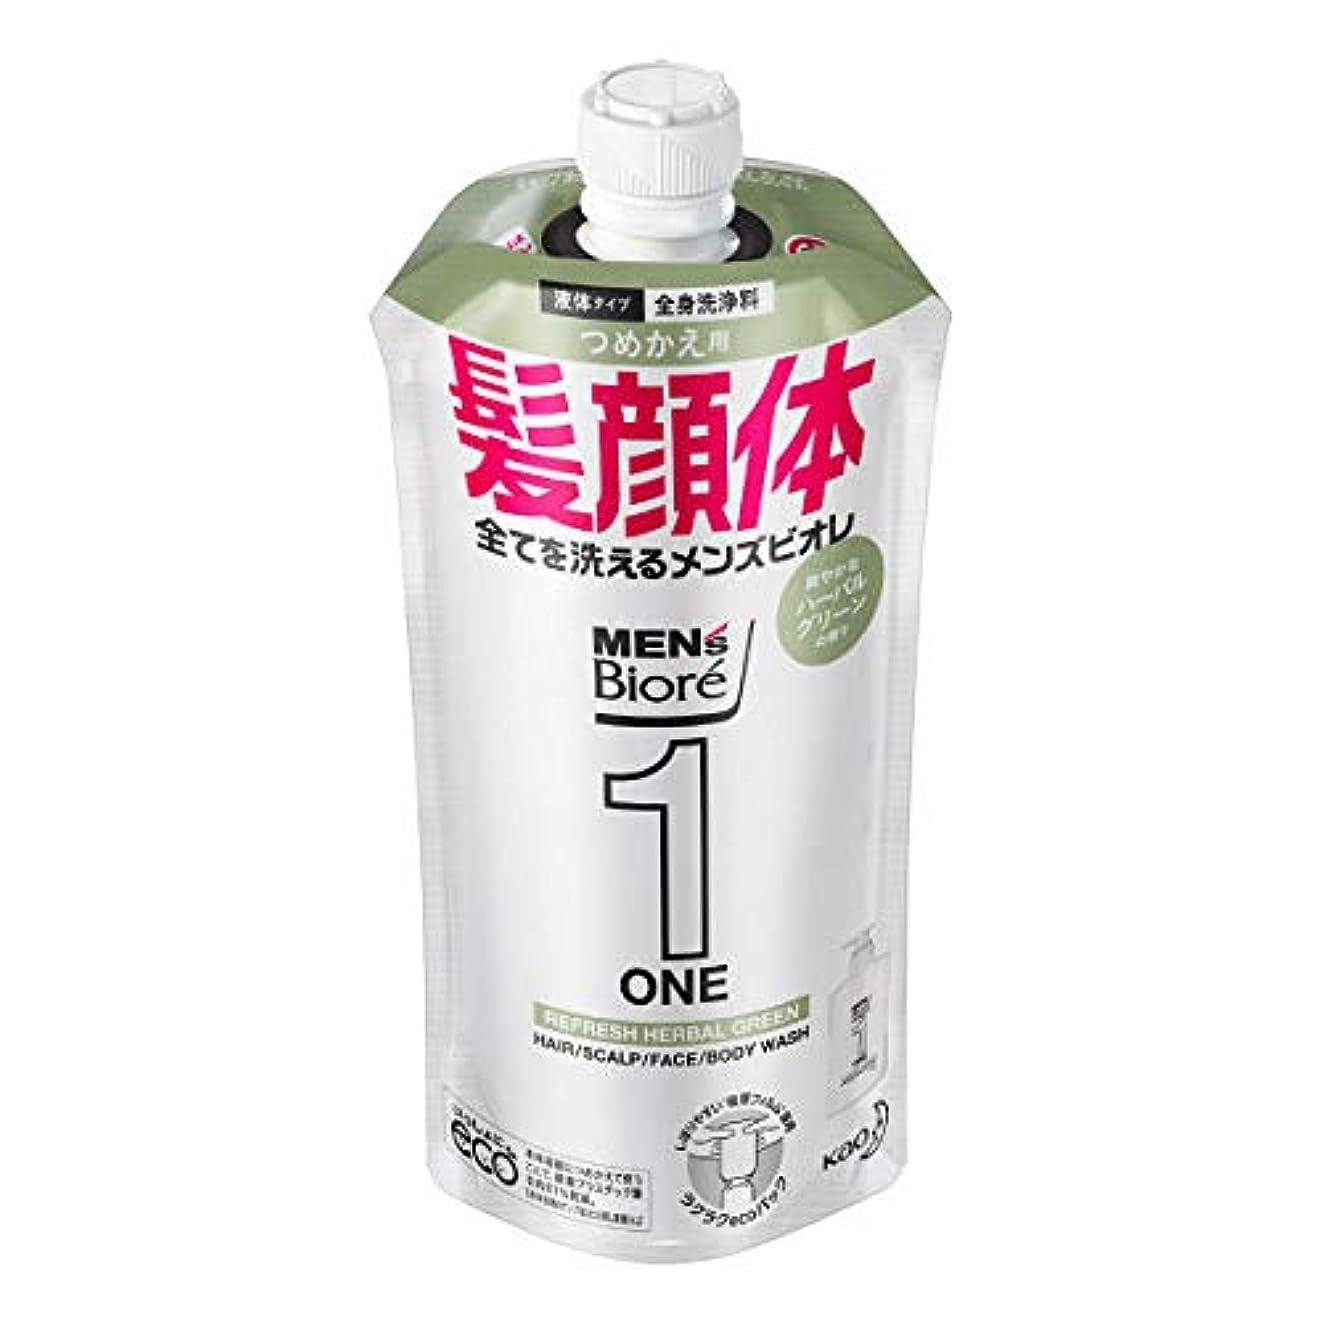 いつかギャンブル適応するメンズビオレONE オールインワン全身洗浄料 爽やかなハーブルグリーンの香り つめかえ用 340mL